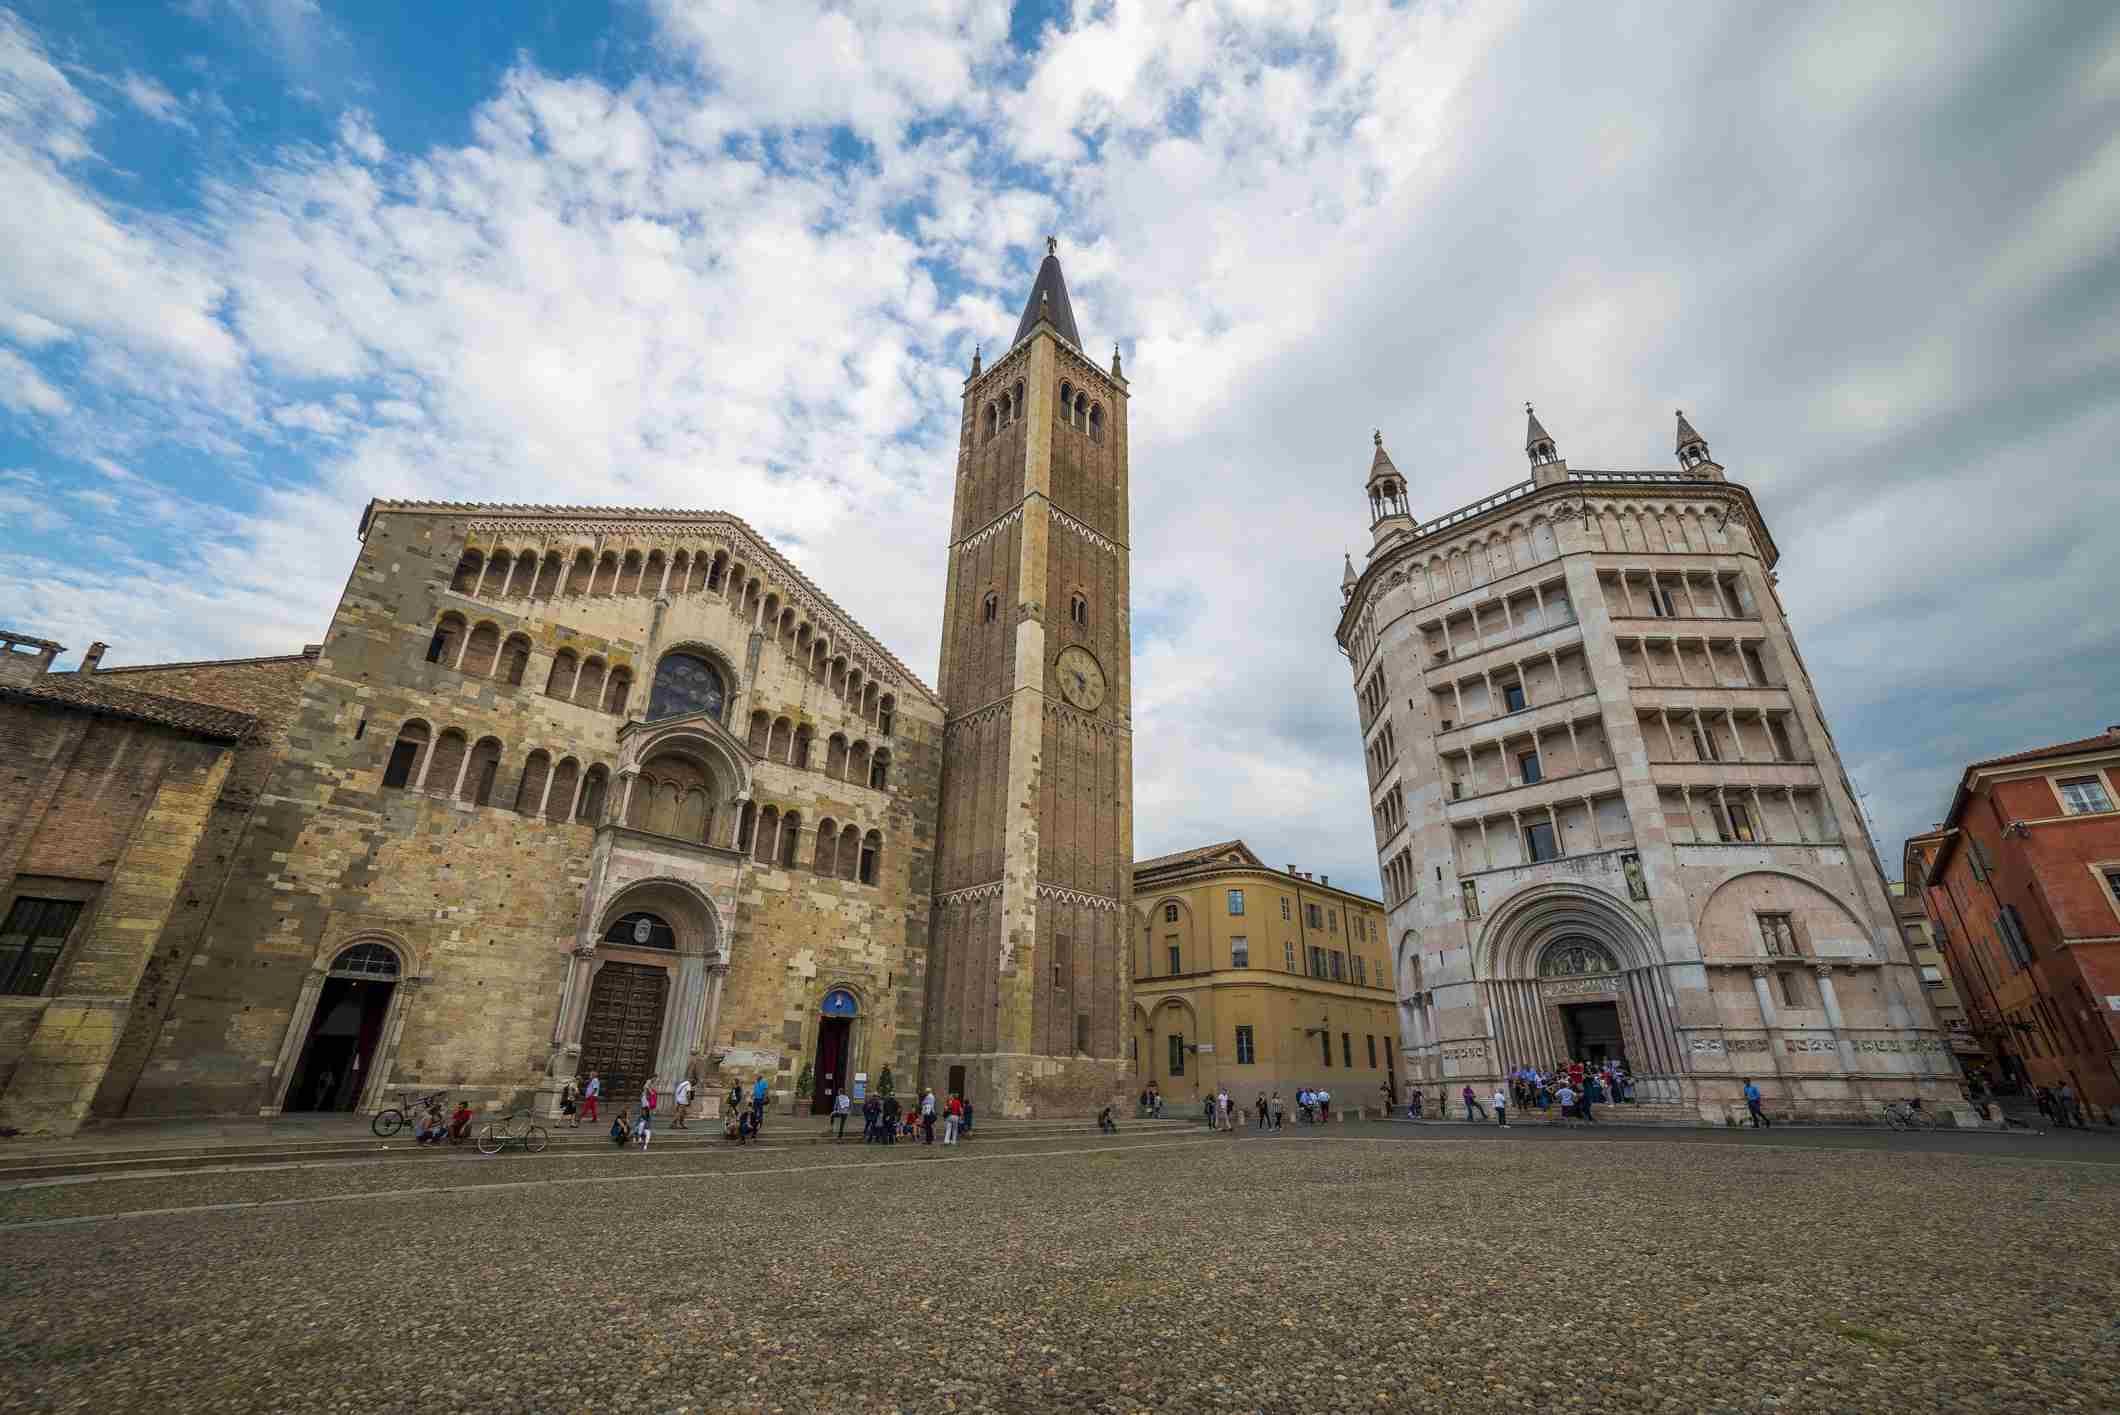 Catedral de Parma y Baptisterio de Parma